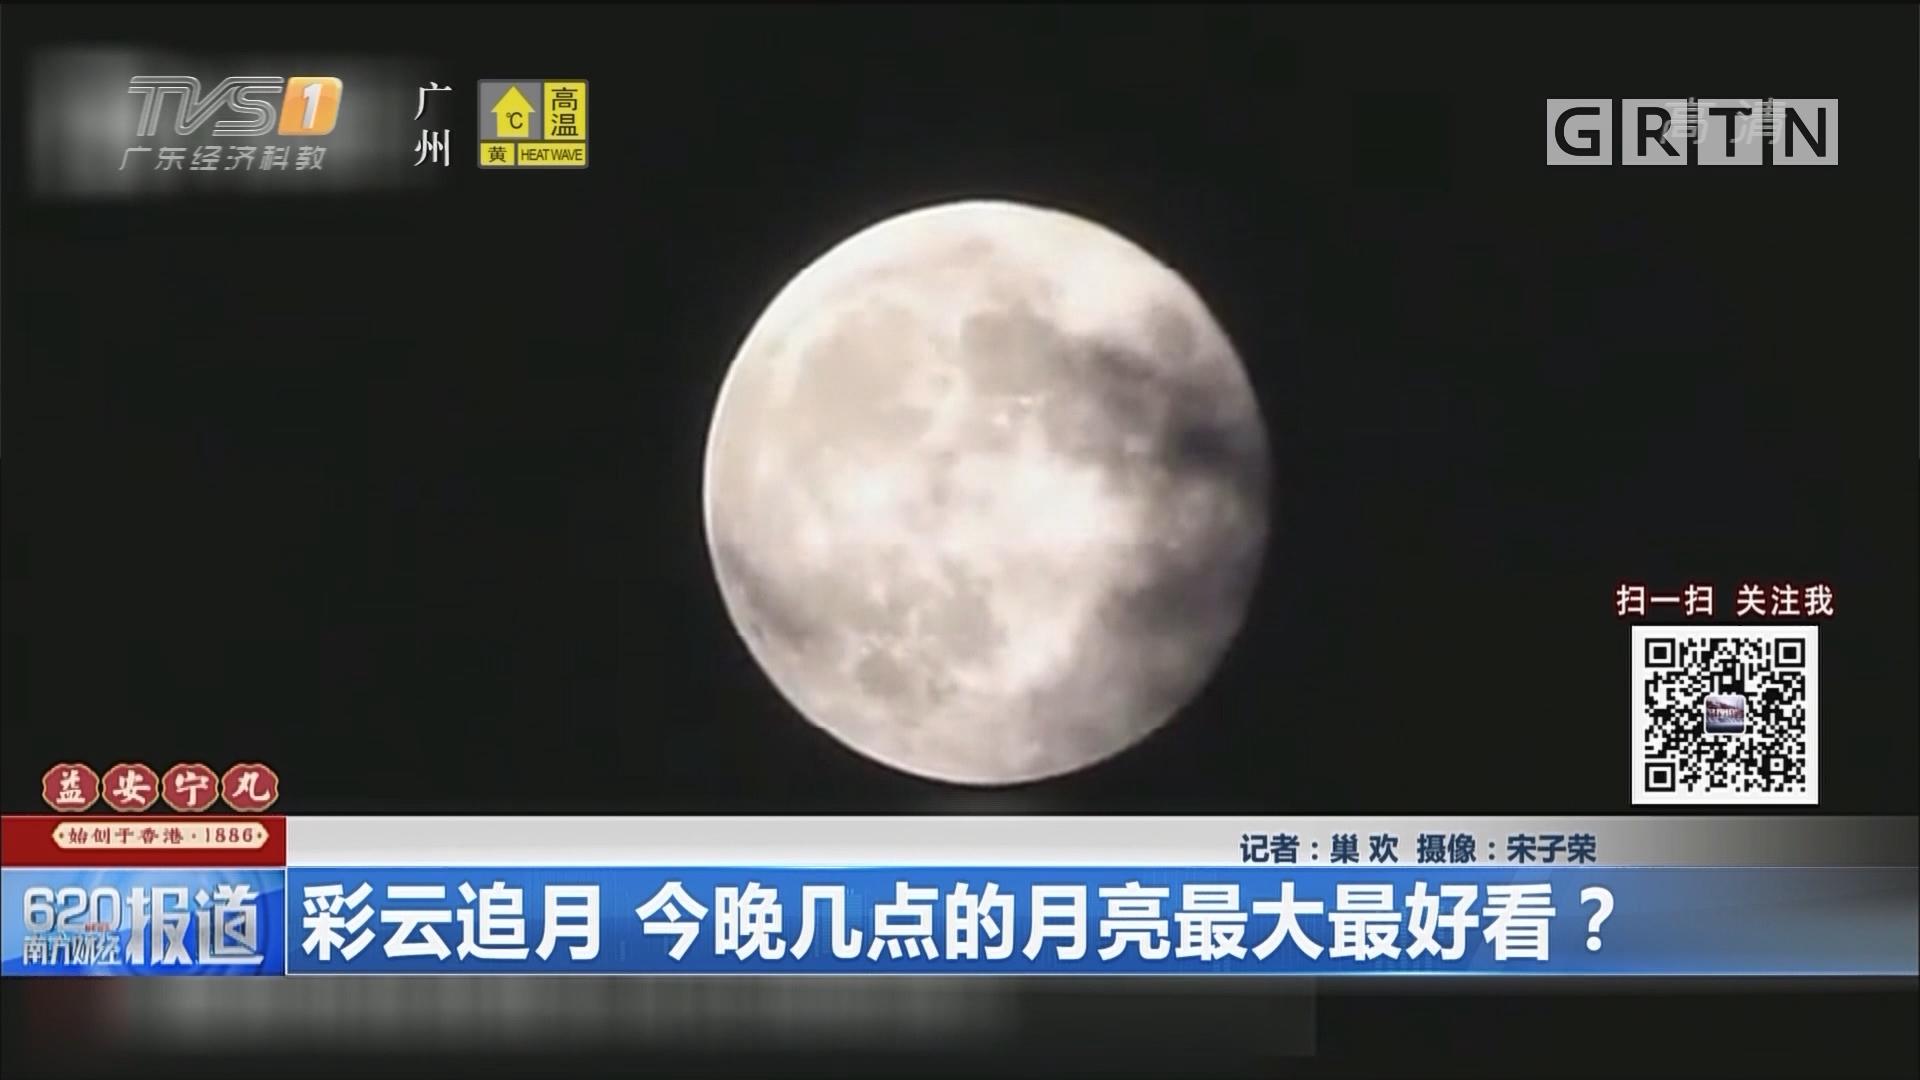 彩云追月 今晚几点的月亮最大最好看?